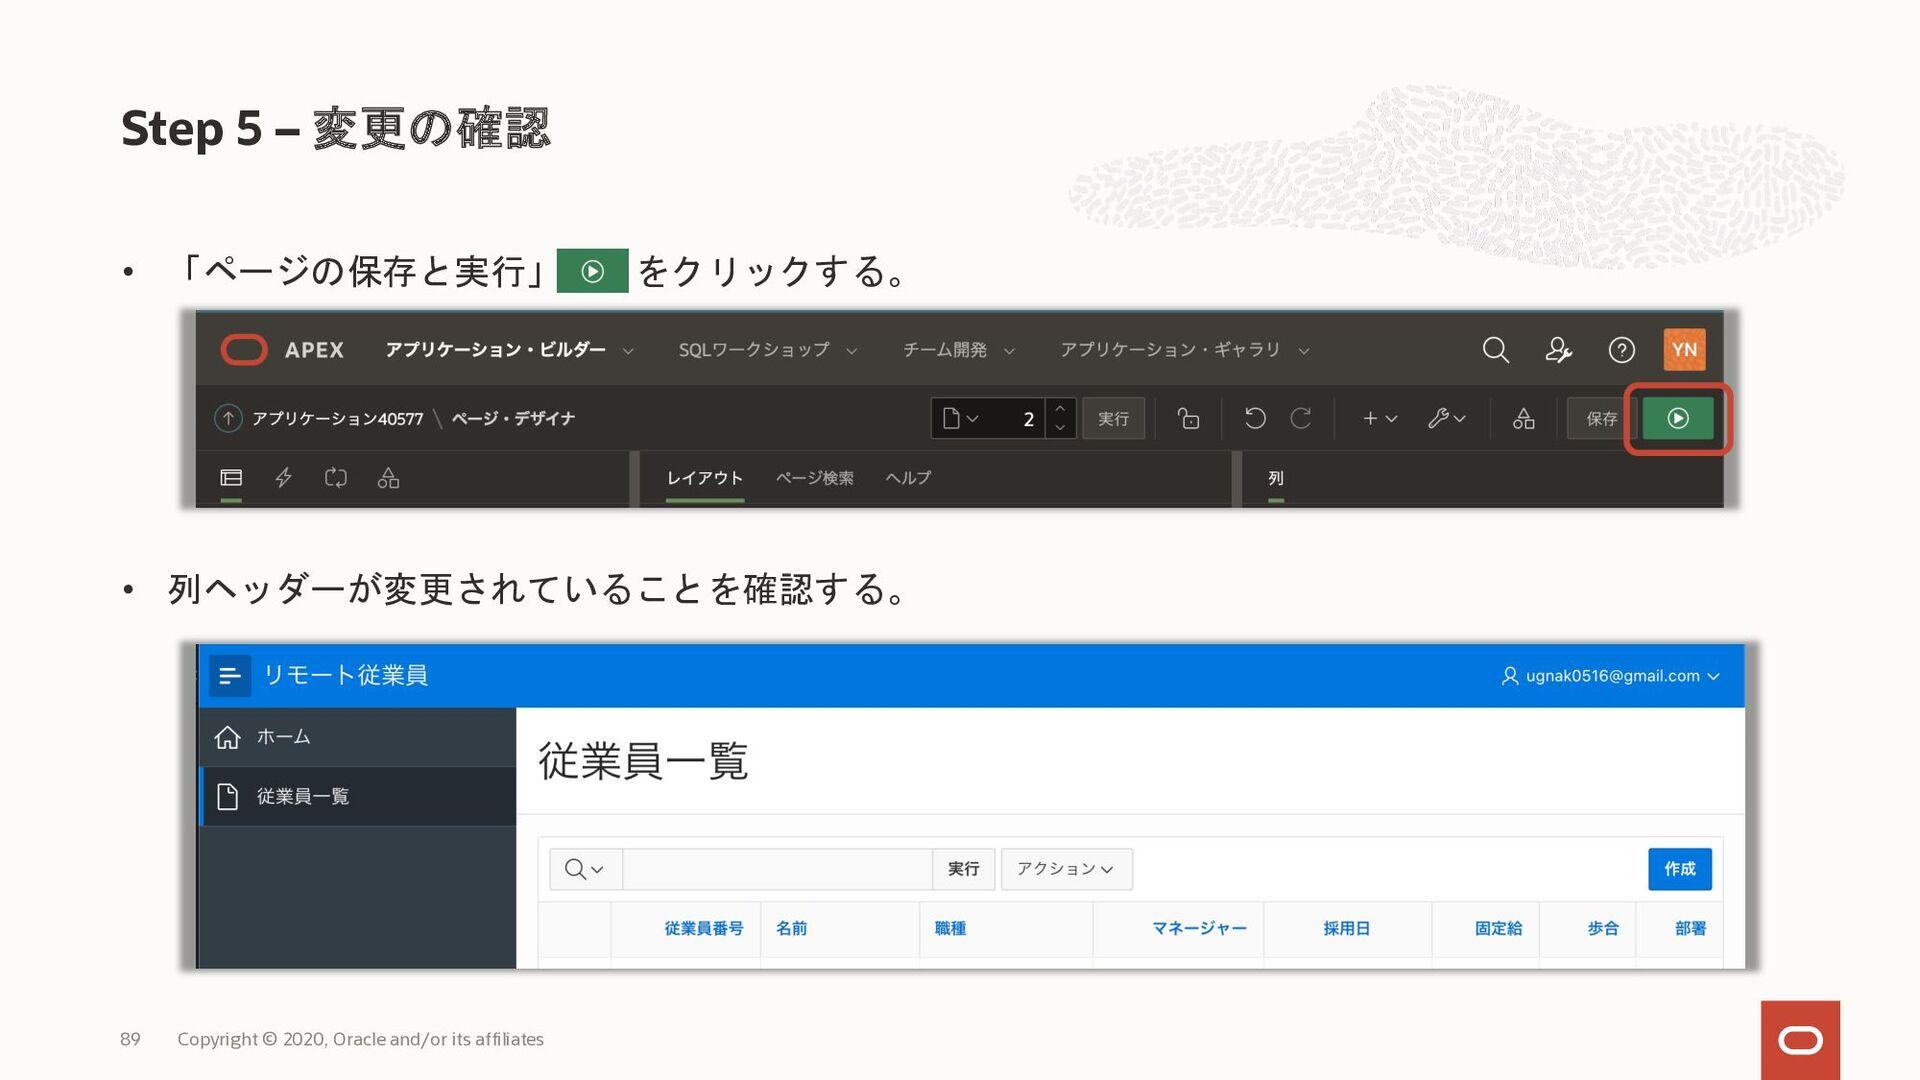 • 「ページの保存と実行」 をクリックする。 • 列ヘッダーが変更されていることを確認する。 ...